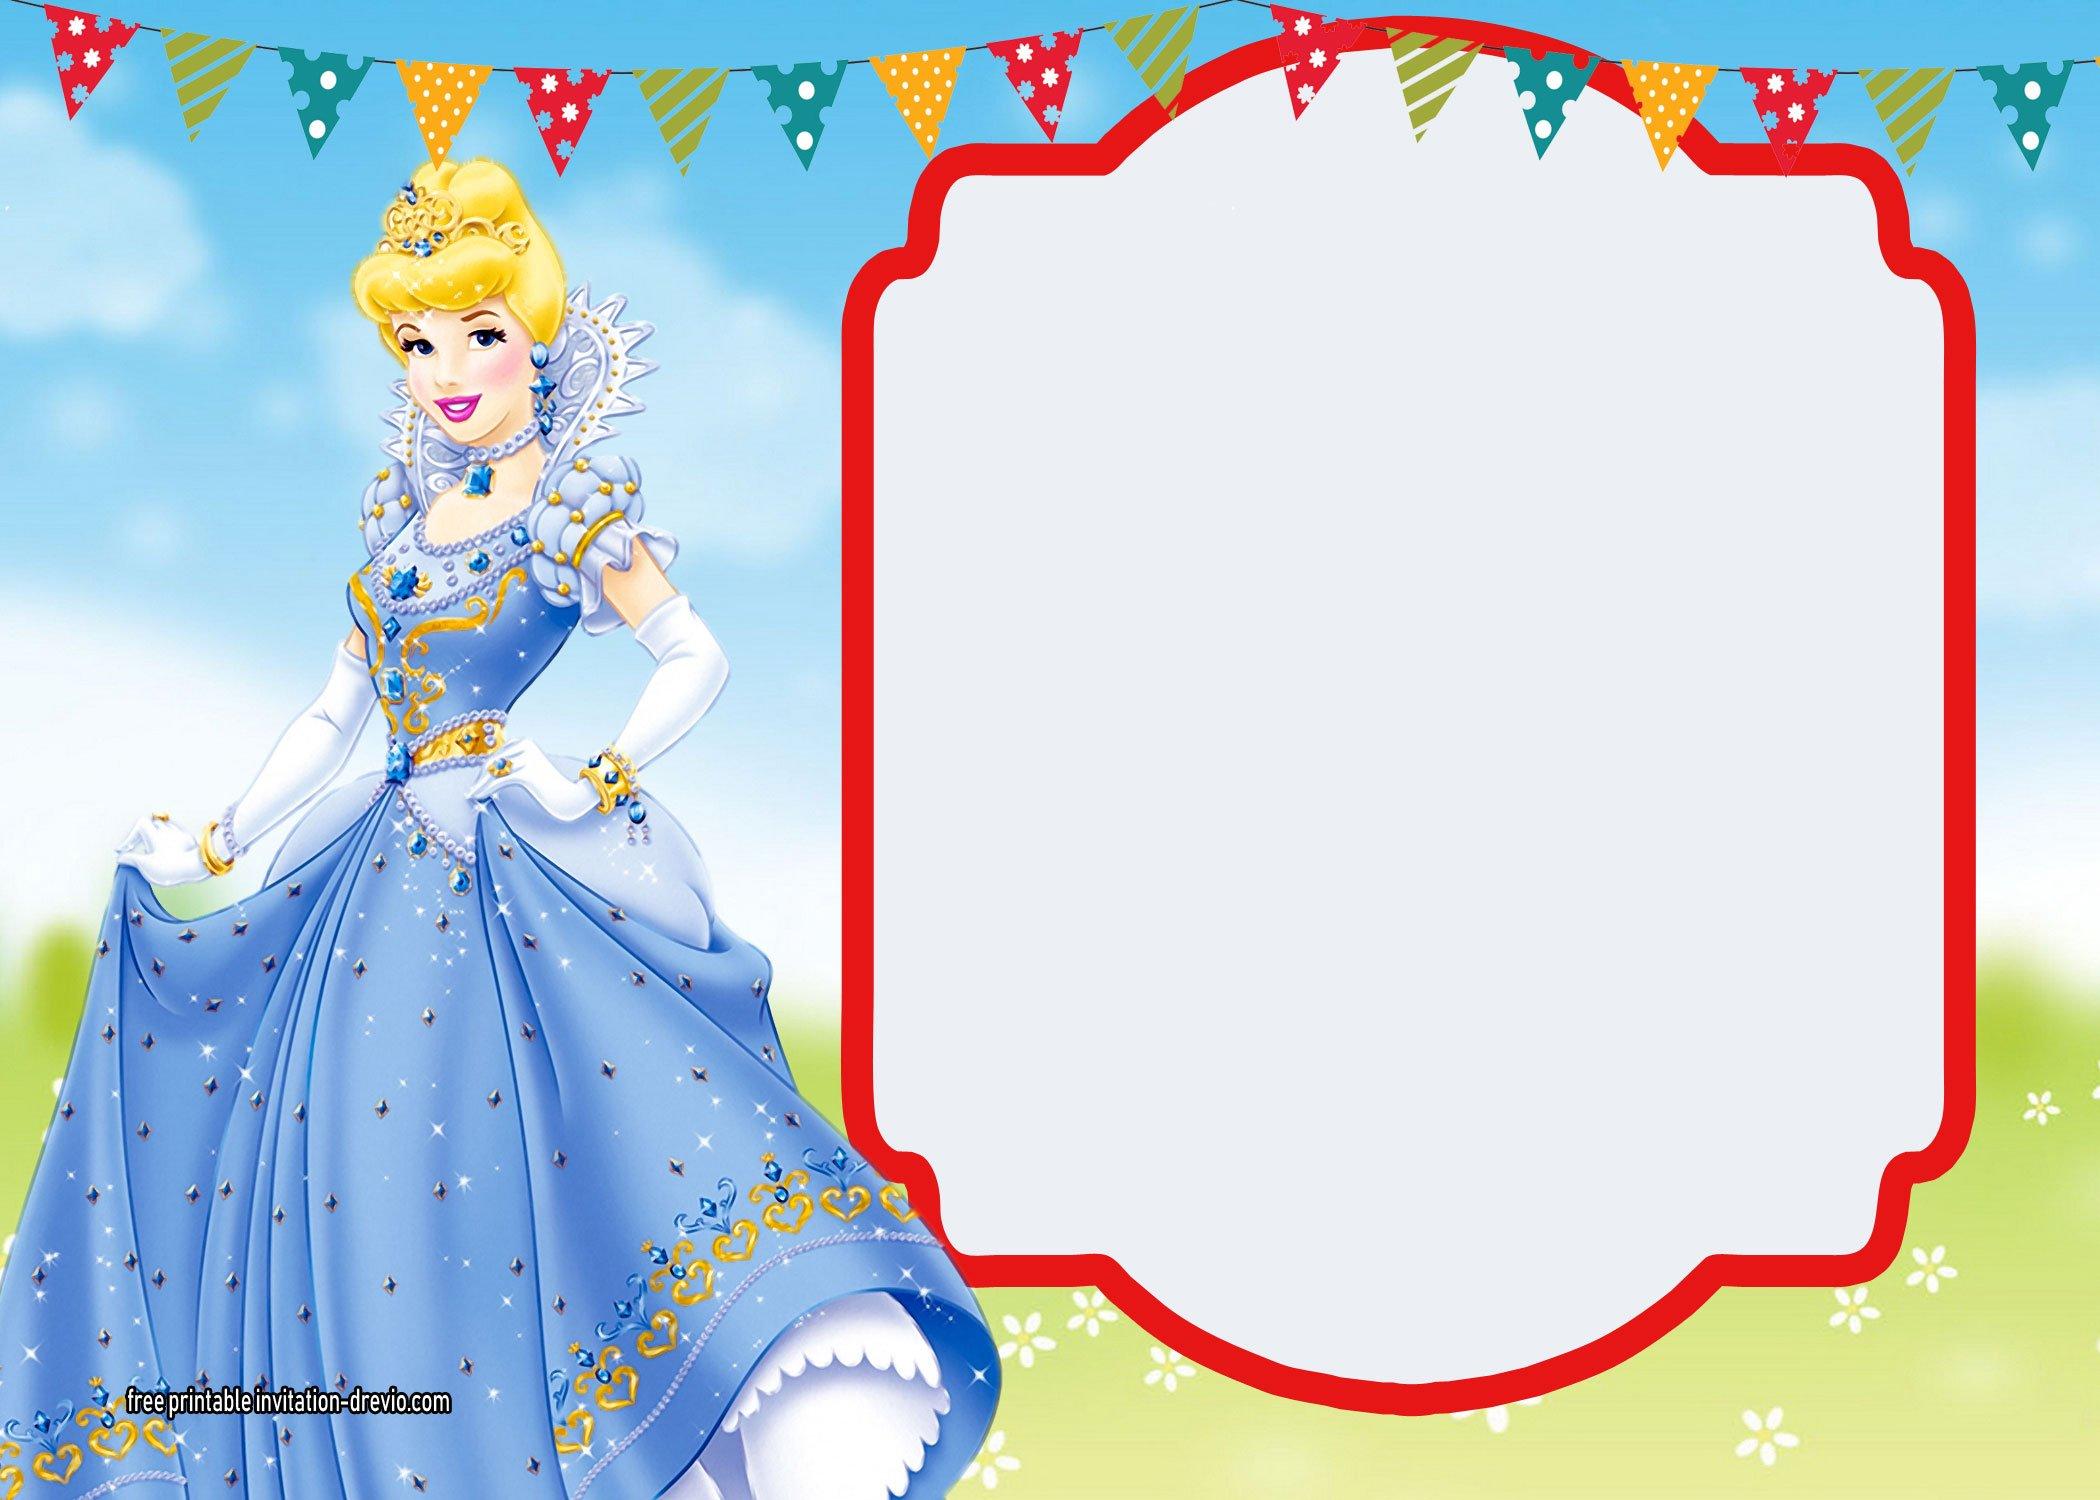 photograph regarding Snow White Printable identified as cost-free printable snow white invites - Sinma